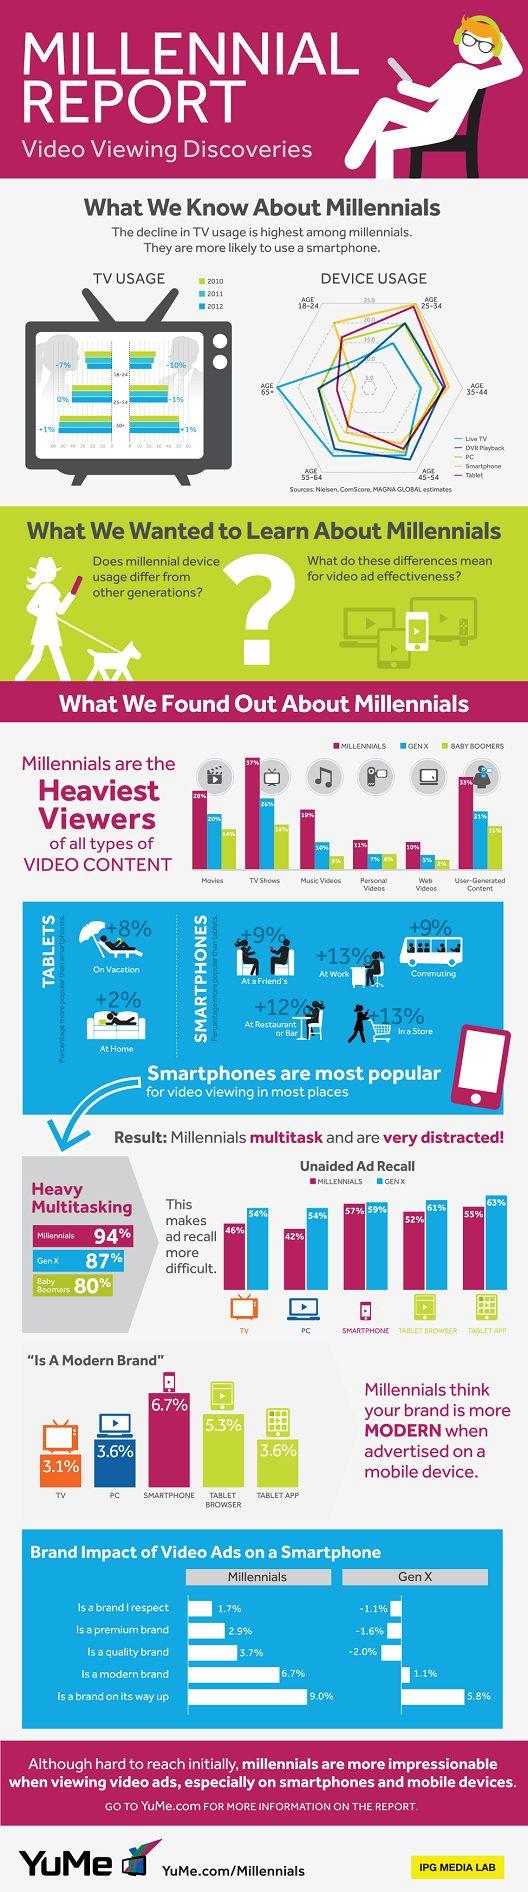 Consigue captar la atención de los millennials - Blog de Marketing